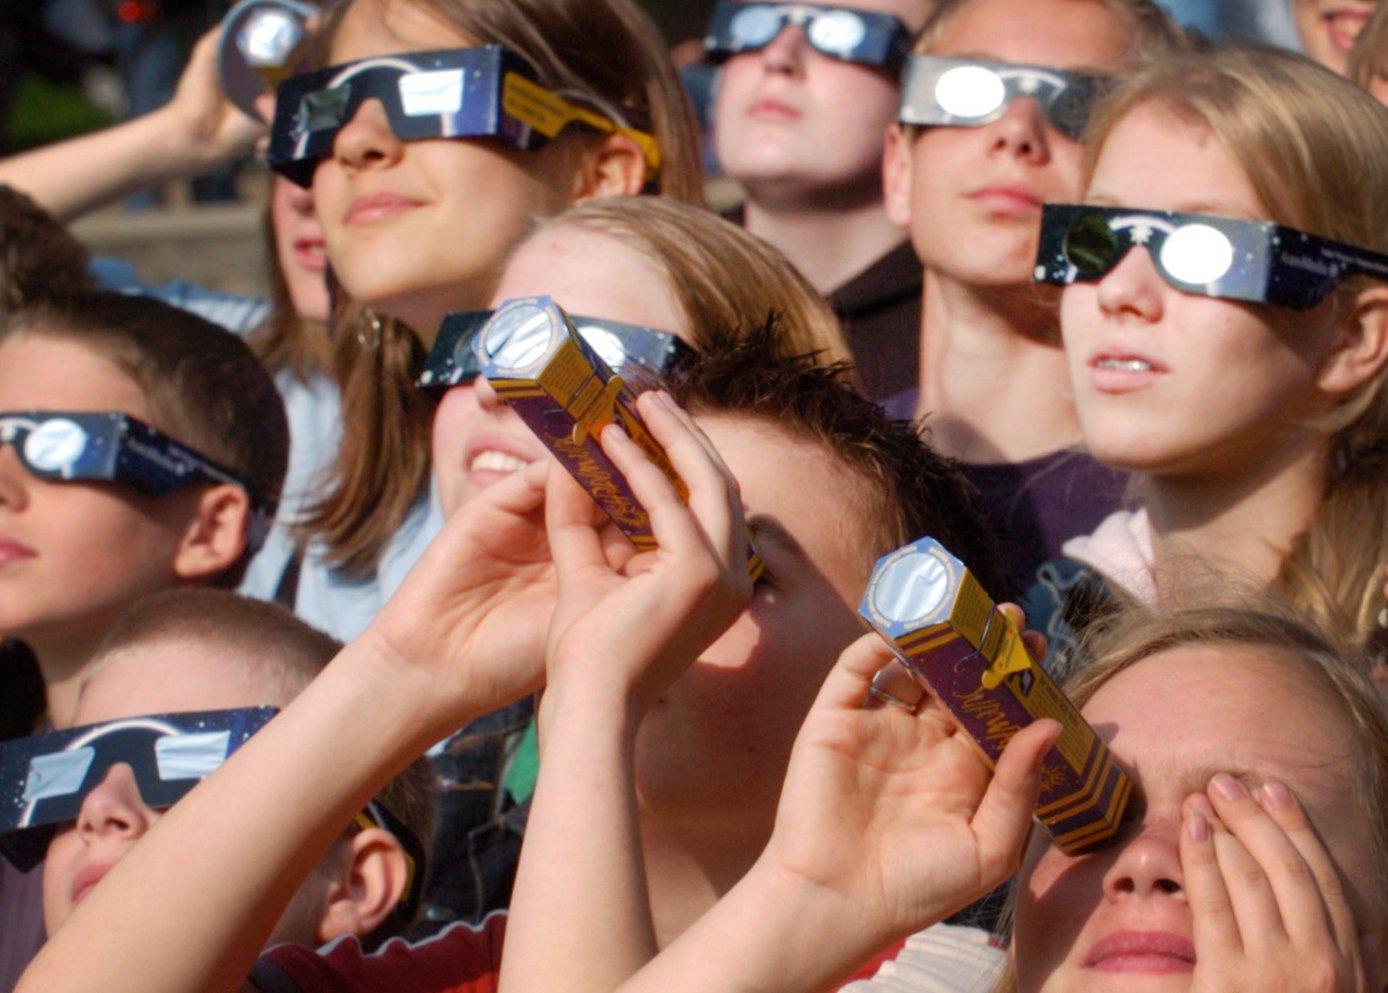 Spezialbrillen und Teleskope zum Betrachten der Sonnenfinsternis: Wissenschaftler warnen dringend davor, direkt in die Sonne zu sehen.